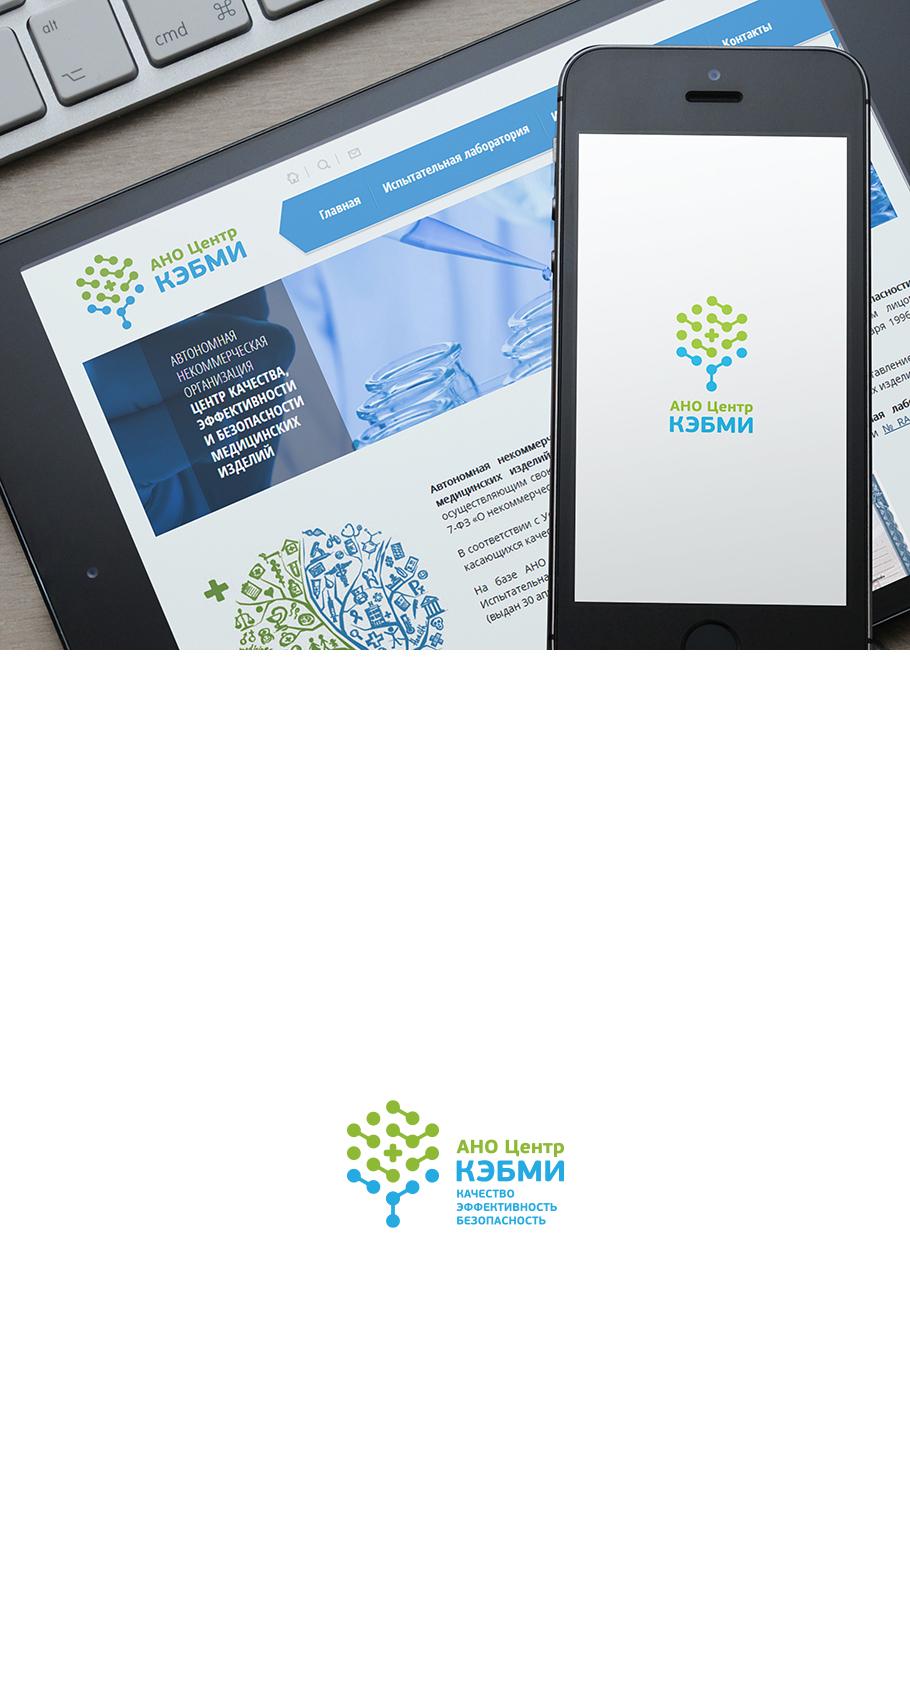 Редизайн логотипа АНО Центр КЭБМИ - BREVIS фото f_0385b25f25b87e48.jpg